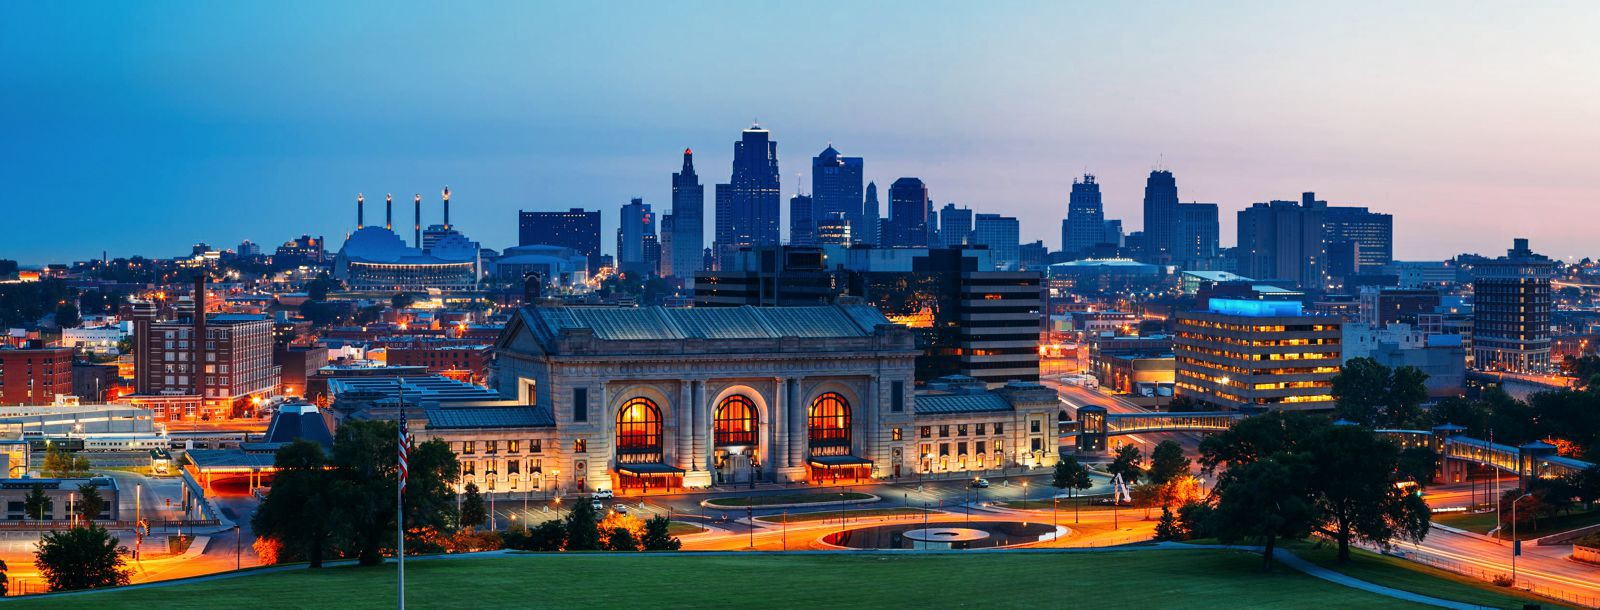 Organisasi Aliansi Kota Chicago dan Kegemaran Bermain Judi Online di Kota Setempat